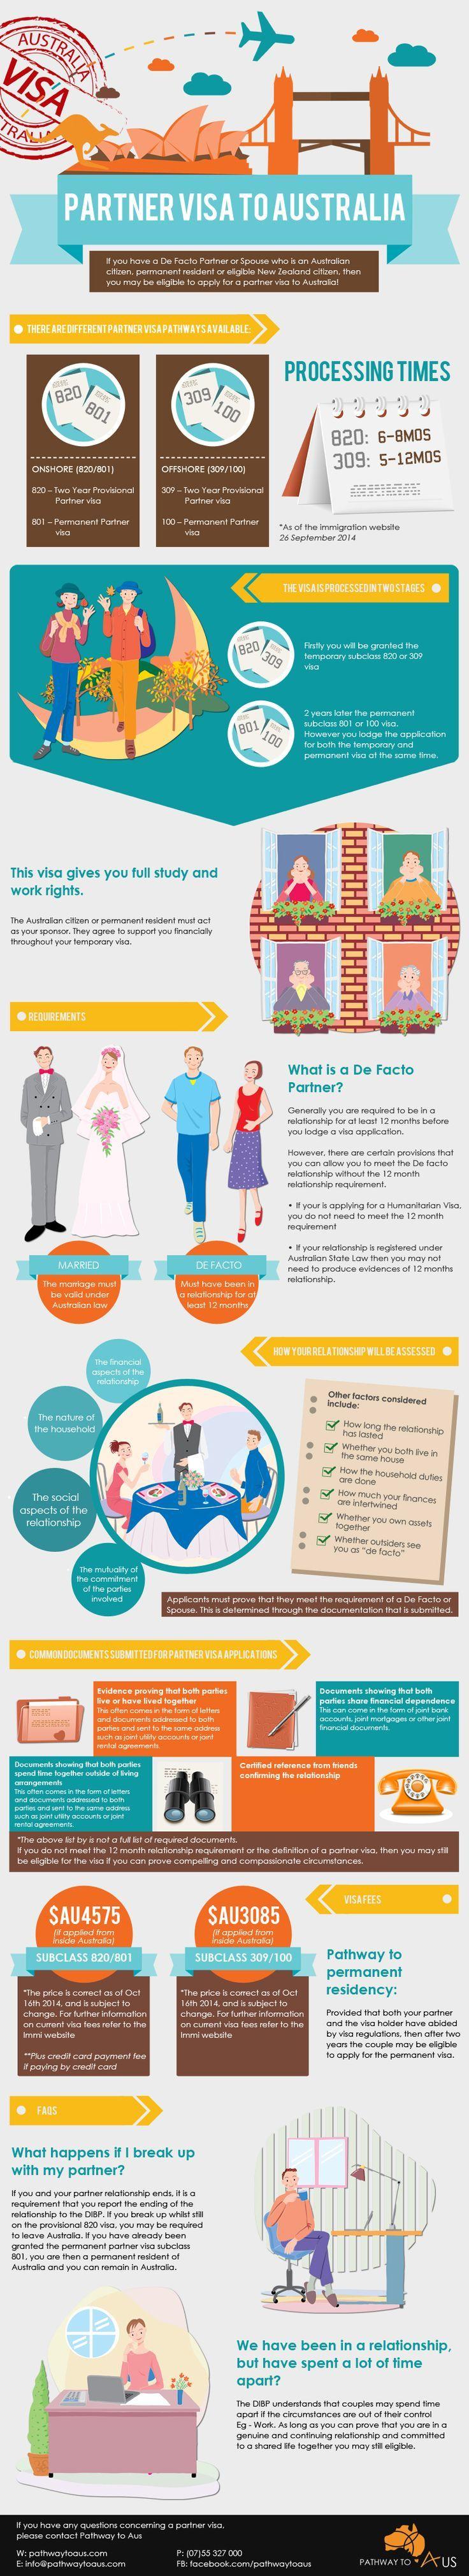 Partner Visa Australia. How to apply for a partner visa to Australia. Migration. De… https://www.pinterest.com/pin/563794447086598972/…